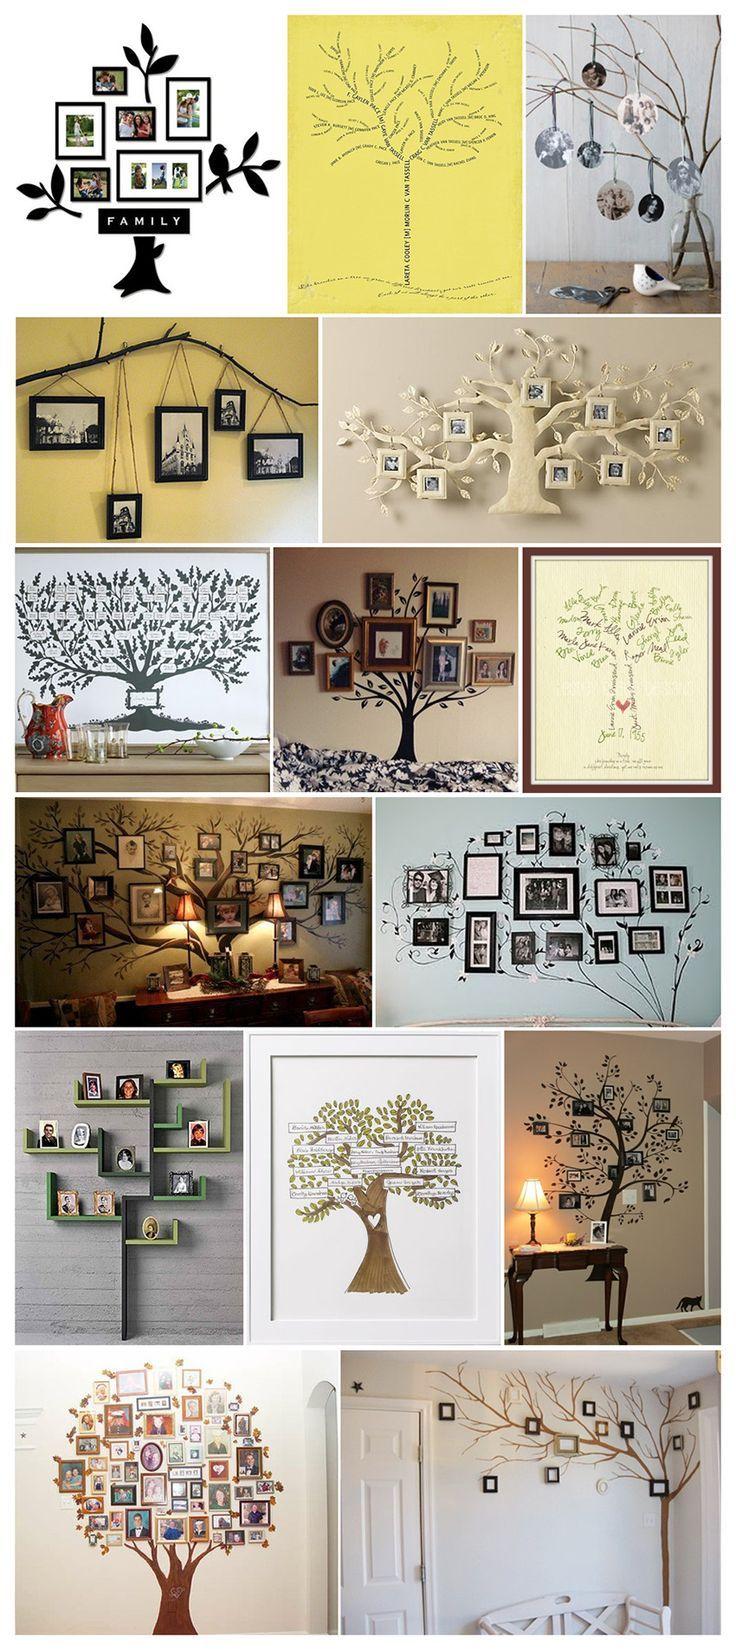 Fotografie na ścianie/drzewka